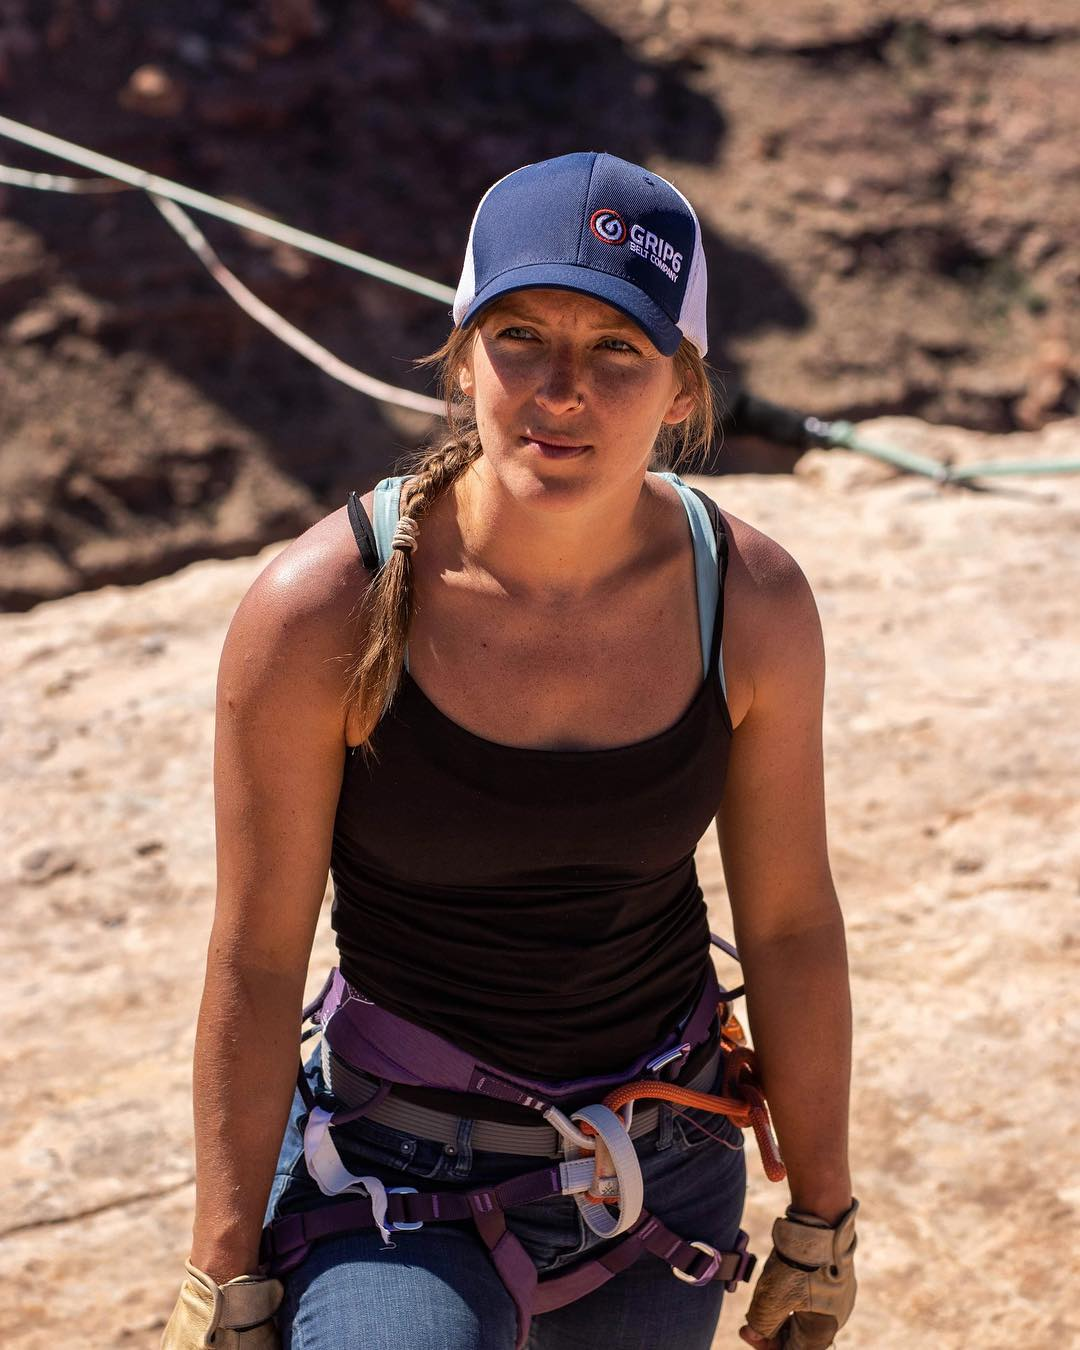 """Faith Dickey &quot;classe =&quot; wp-image-51084 &quot;/&gt;</figure></p></div><p>Faith Dickey é um slackliner profissional especializado em solos de linhas altas, longlining e free. Ela estabeleceu o recorde mundial feminino para o comprimento de Highlining a 345 pés (105m) em Moab, Utah. Ela também é a primeira mulher a ultrapassar a marca de 100 metros em highlining. Seu recorde de altura foi nos Alpes suíços a 4000 pés (1200m) do vale. Faith tem mais de 30 solos livres (andando sem coleira de segurança), o mais longo dos quais é 28m, também um recorde mundial feminino.</p><h5>Namita Nayyar:</h5><p>""""O que começou como uma atividade de verão em minha cidade natal se transformou em um vício que muda a vida e altera a mente."""" Conte-nos sobre sua jornada profissional em altos planos que começou em uma idade jovem. Como tudo começou?</p><h5>Fé Dickey:</h5><p>Eu estava a caminho de estudar design de moda na cidade de Nova York, trabalhando não menos do que cinco empregos, quando adormecer ao volante me deu um alerta repentino. Eu percebi que eu tinha sido tão &quot;nariz para o rebolo&quot; na minha tentativa de economizar dinheiro para os meus sonhos que eu não tinha certeza de quem eu era ou o que eu realmente queria. Trabalhar horas de trabalho de 80 horas cobrava seu preço e, apesar de eu ter me afastado do meu veículo capotado, sabia que precisava tirar algum tempo para mim. Então, comecei a ir ao parque e contemplar meus planos. Foi aqui que descobri o slackline, apenas entre as árvores no início, mas o pouco de liberdade me levou a embarcar em uma viagem só de ida para a Europa, onde descobri o highlining. De lá, não havia como voltar atrás.</p><div style="""